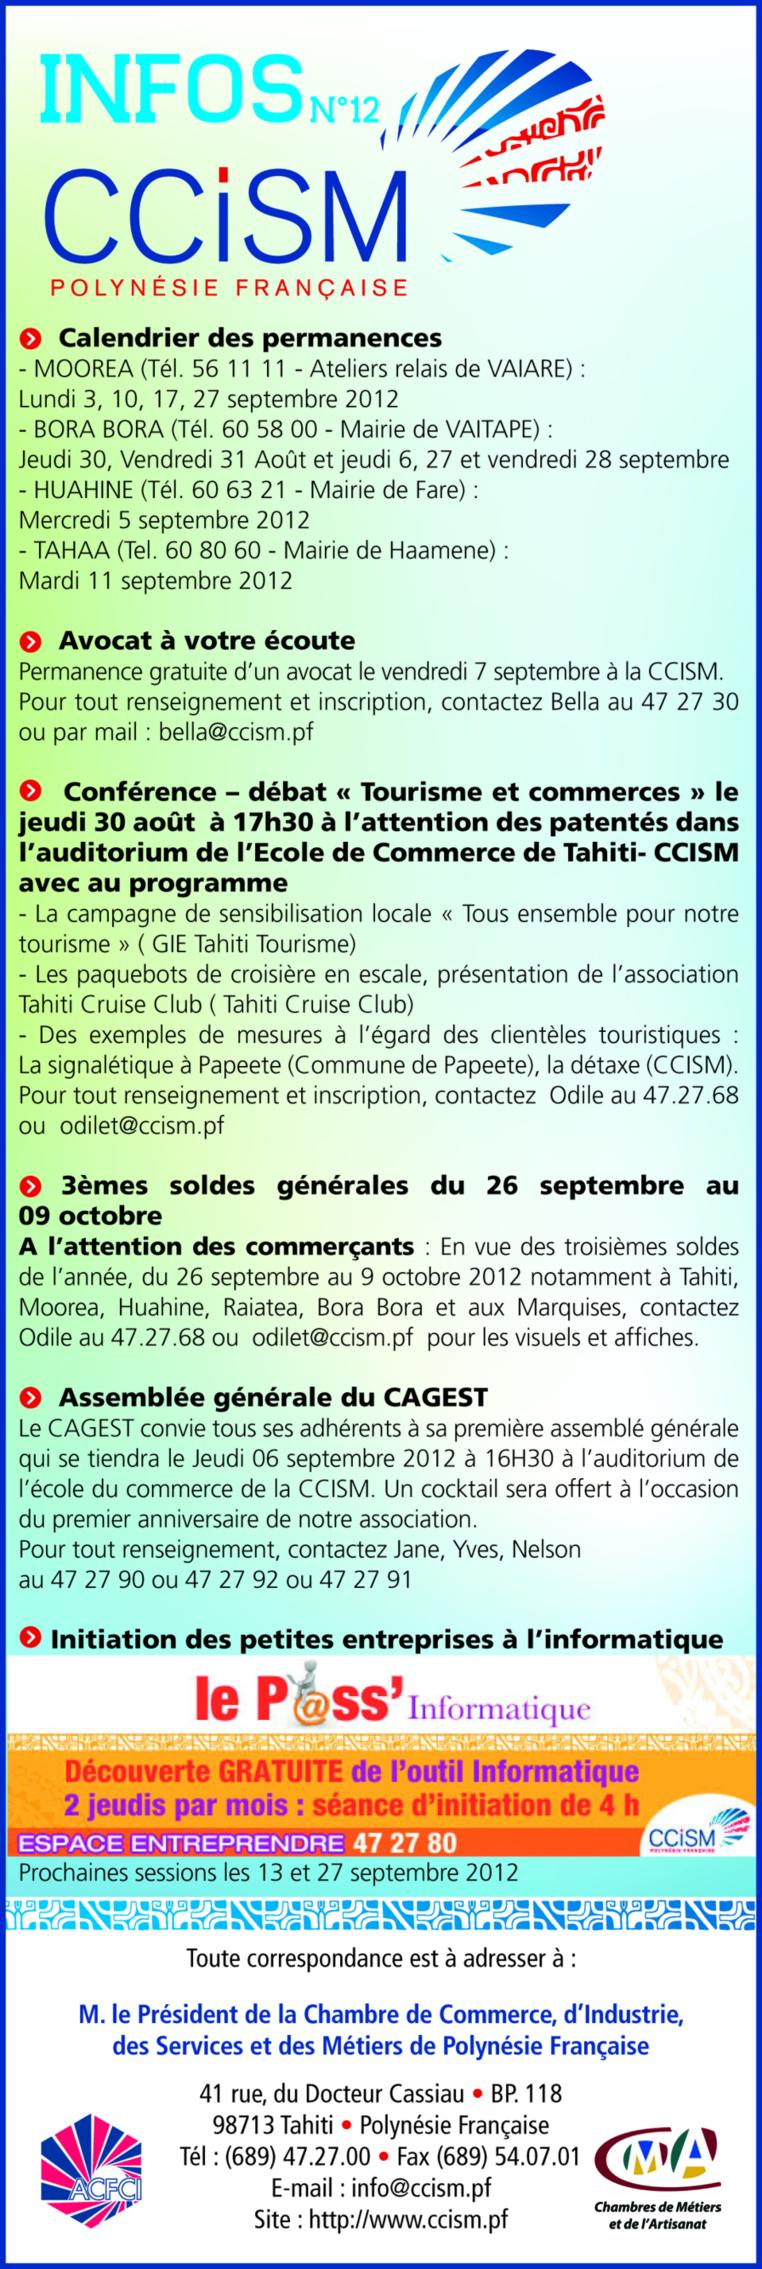 Infos CCISM N°12